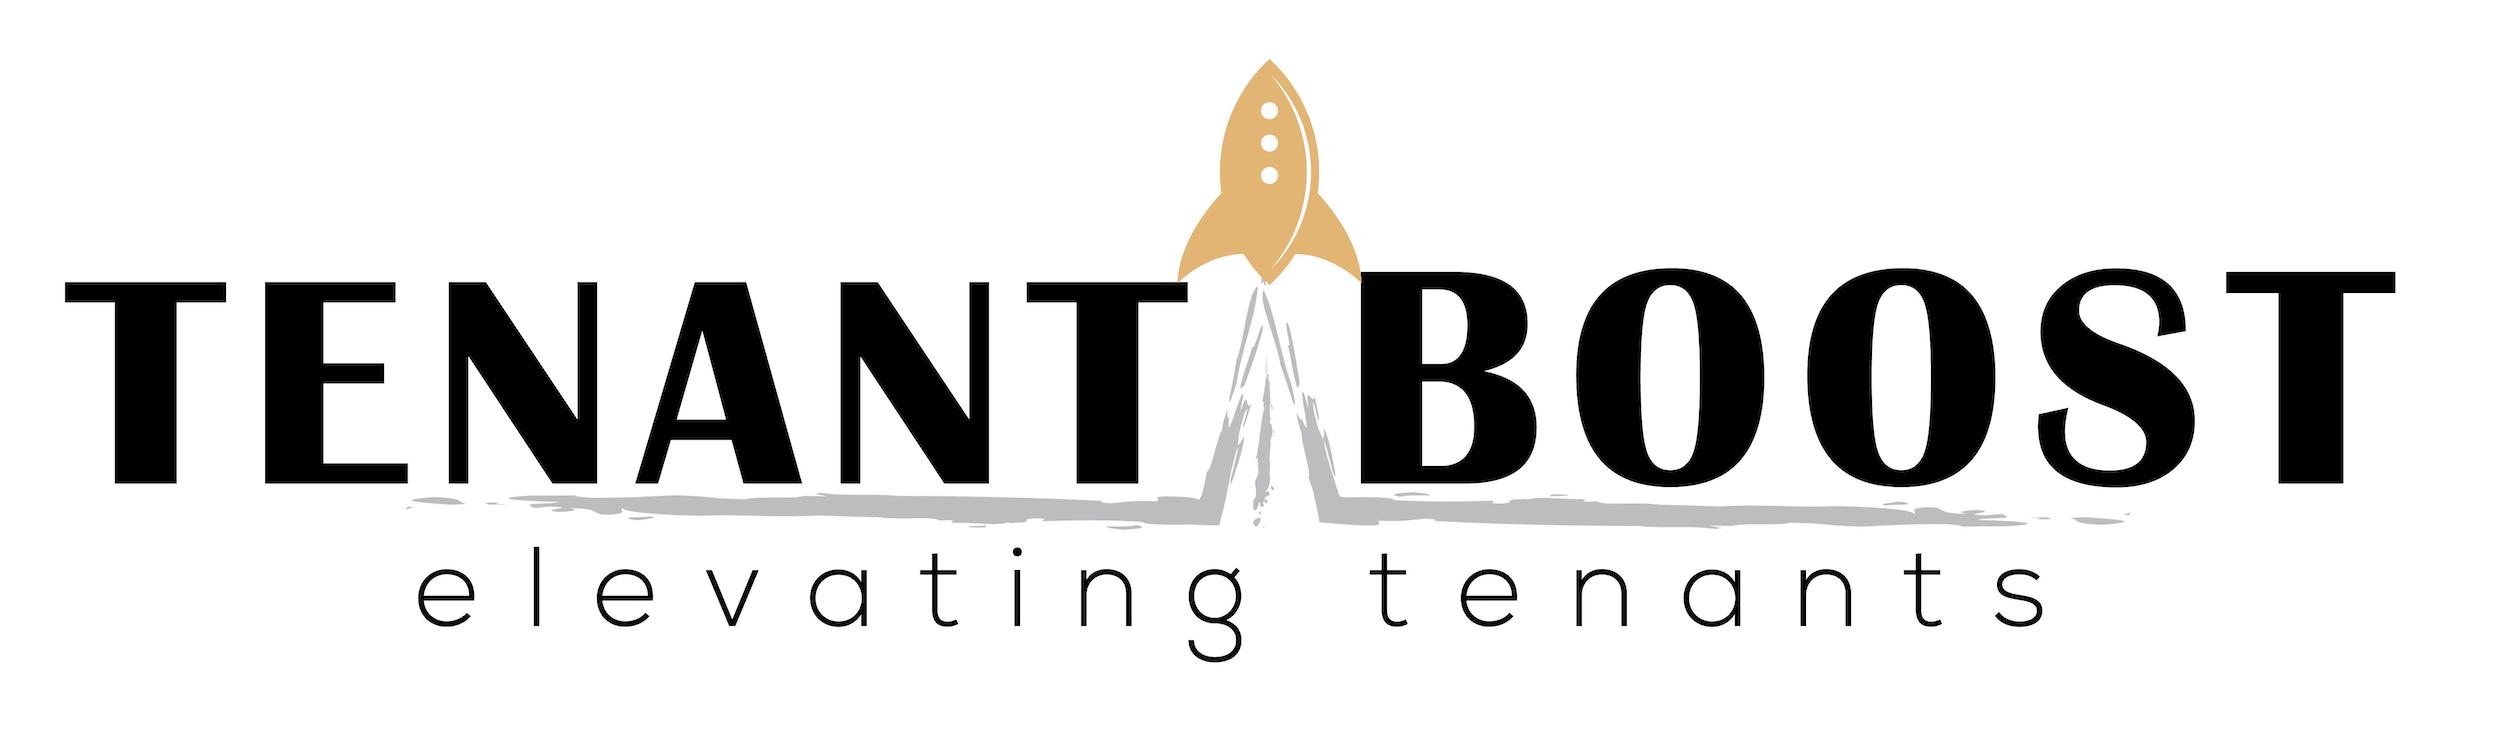 TenantBoost.com